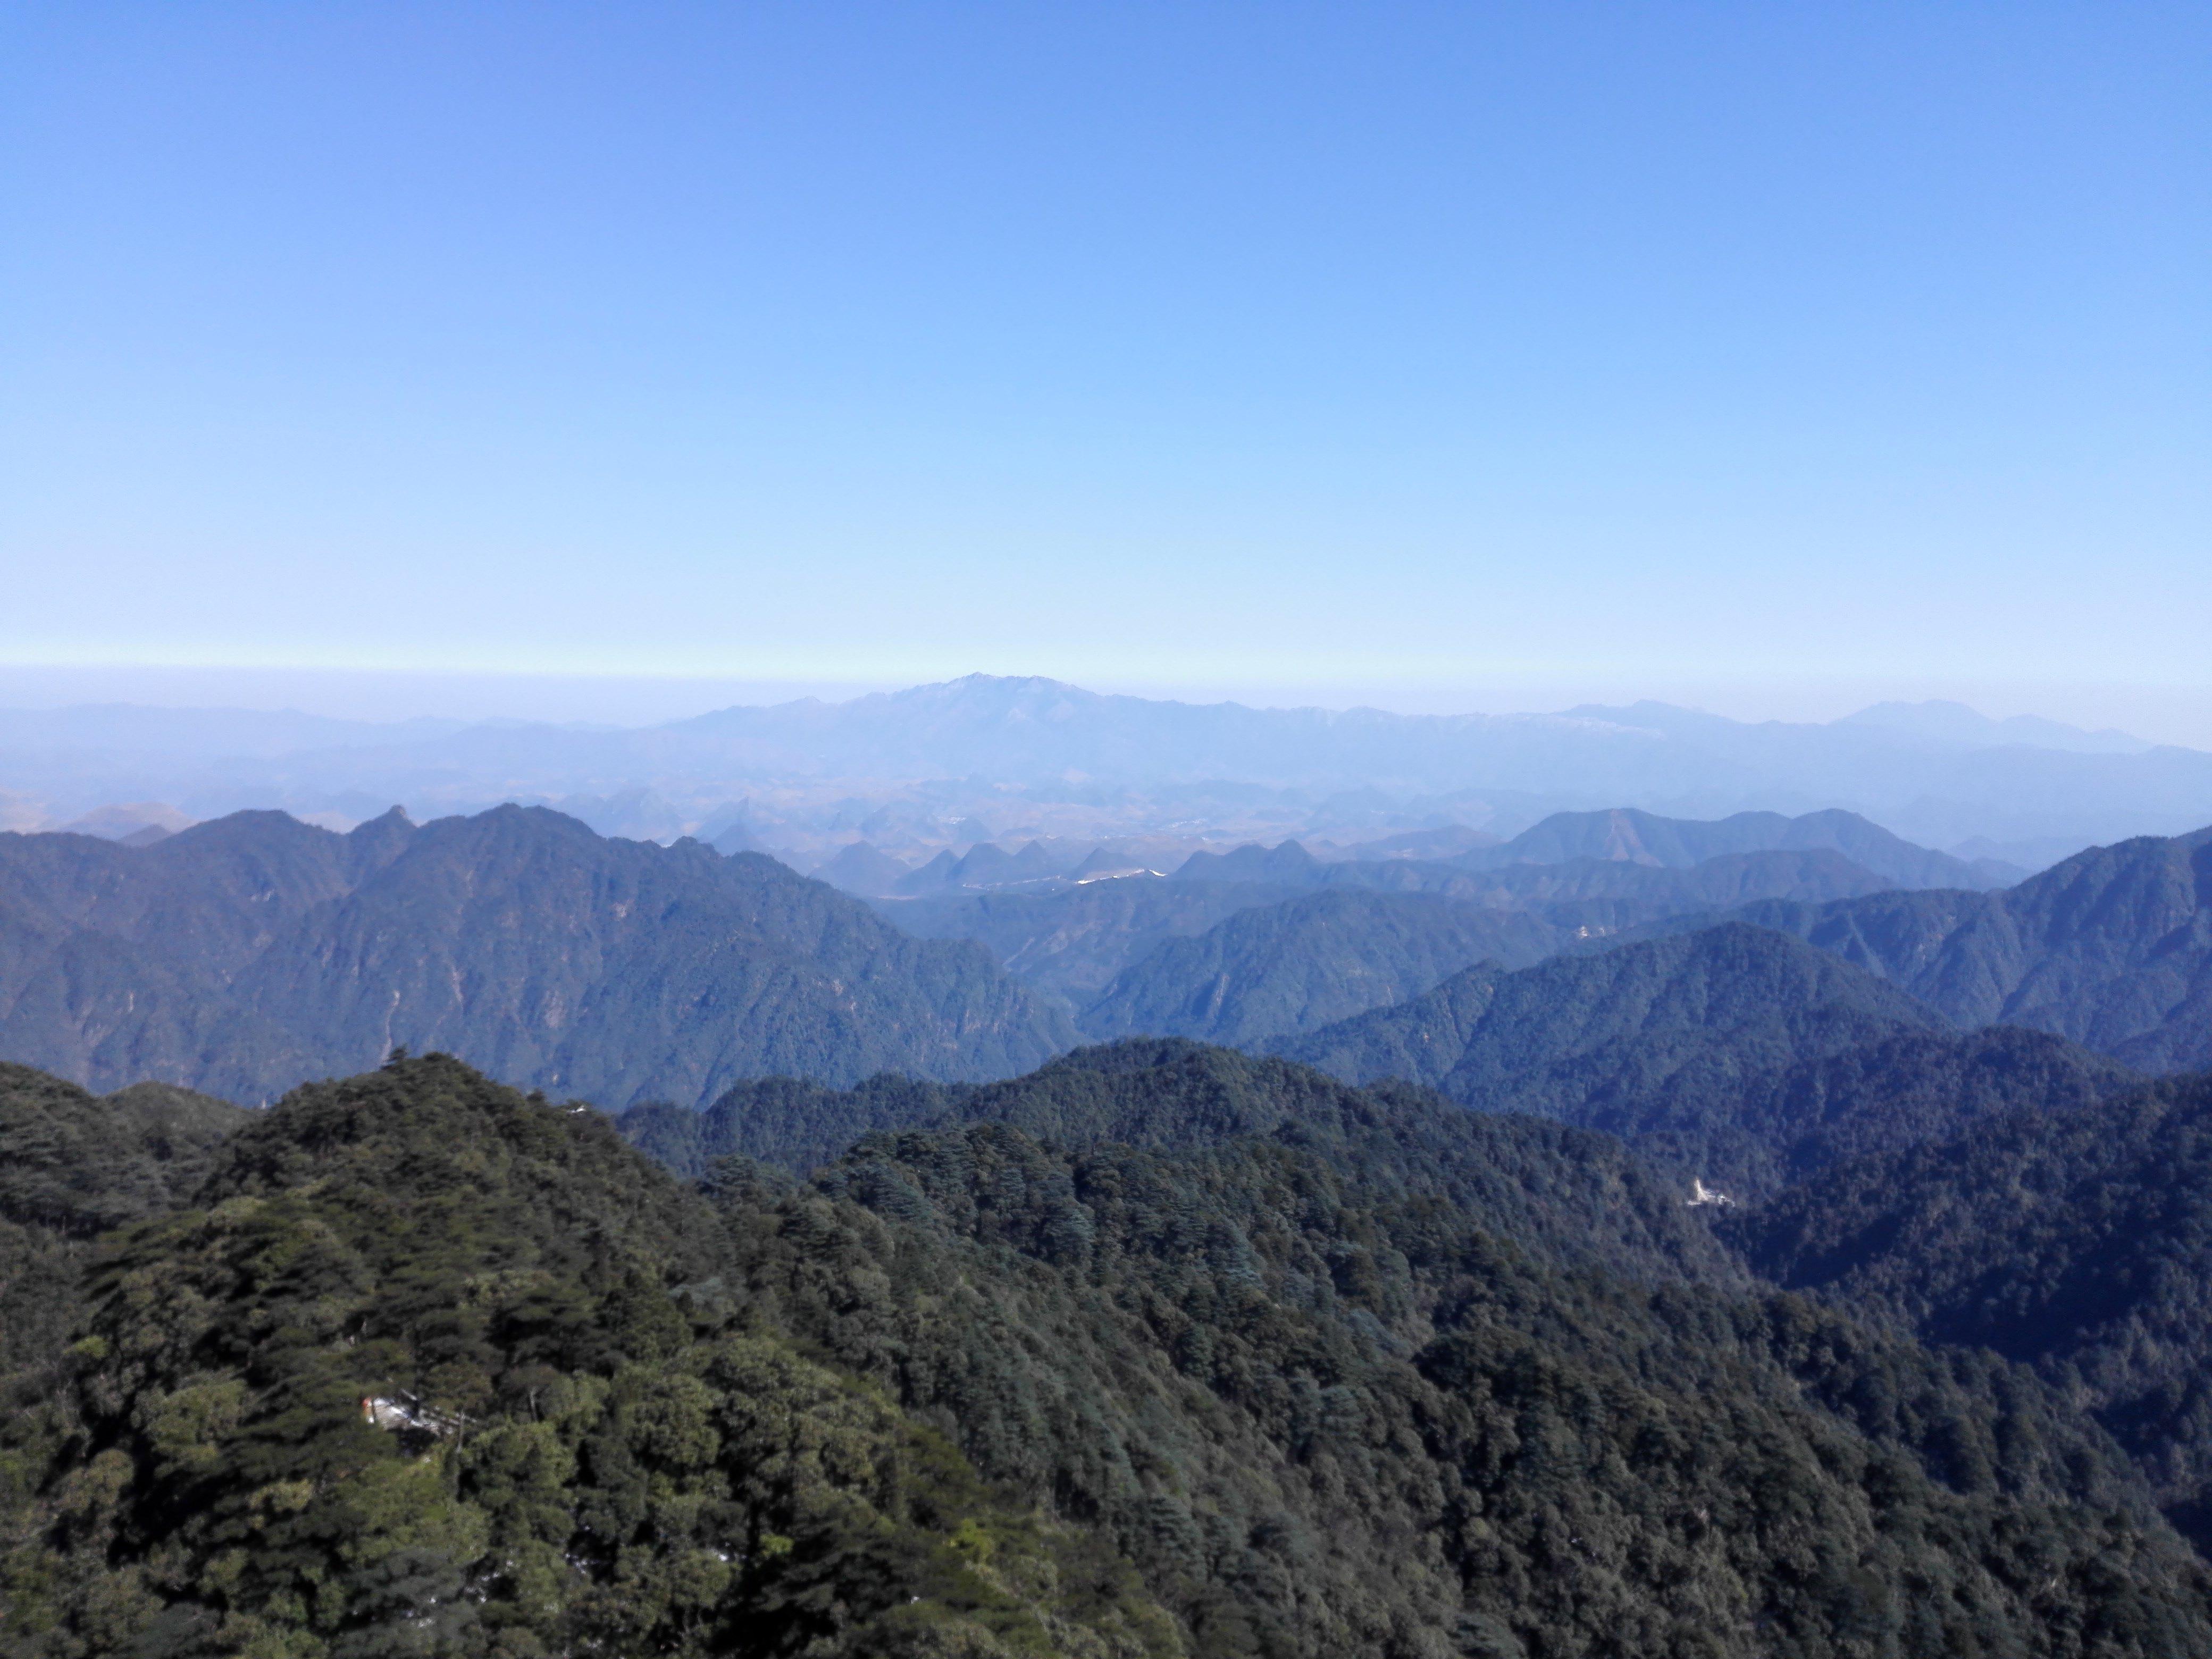 南岭国家森林公园旅游景点攻攻略略图痕剑新月第二轮图片